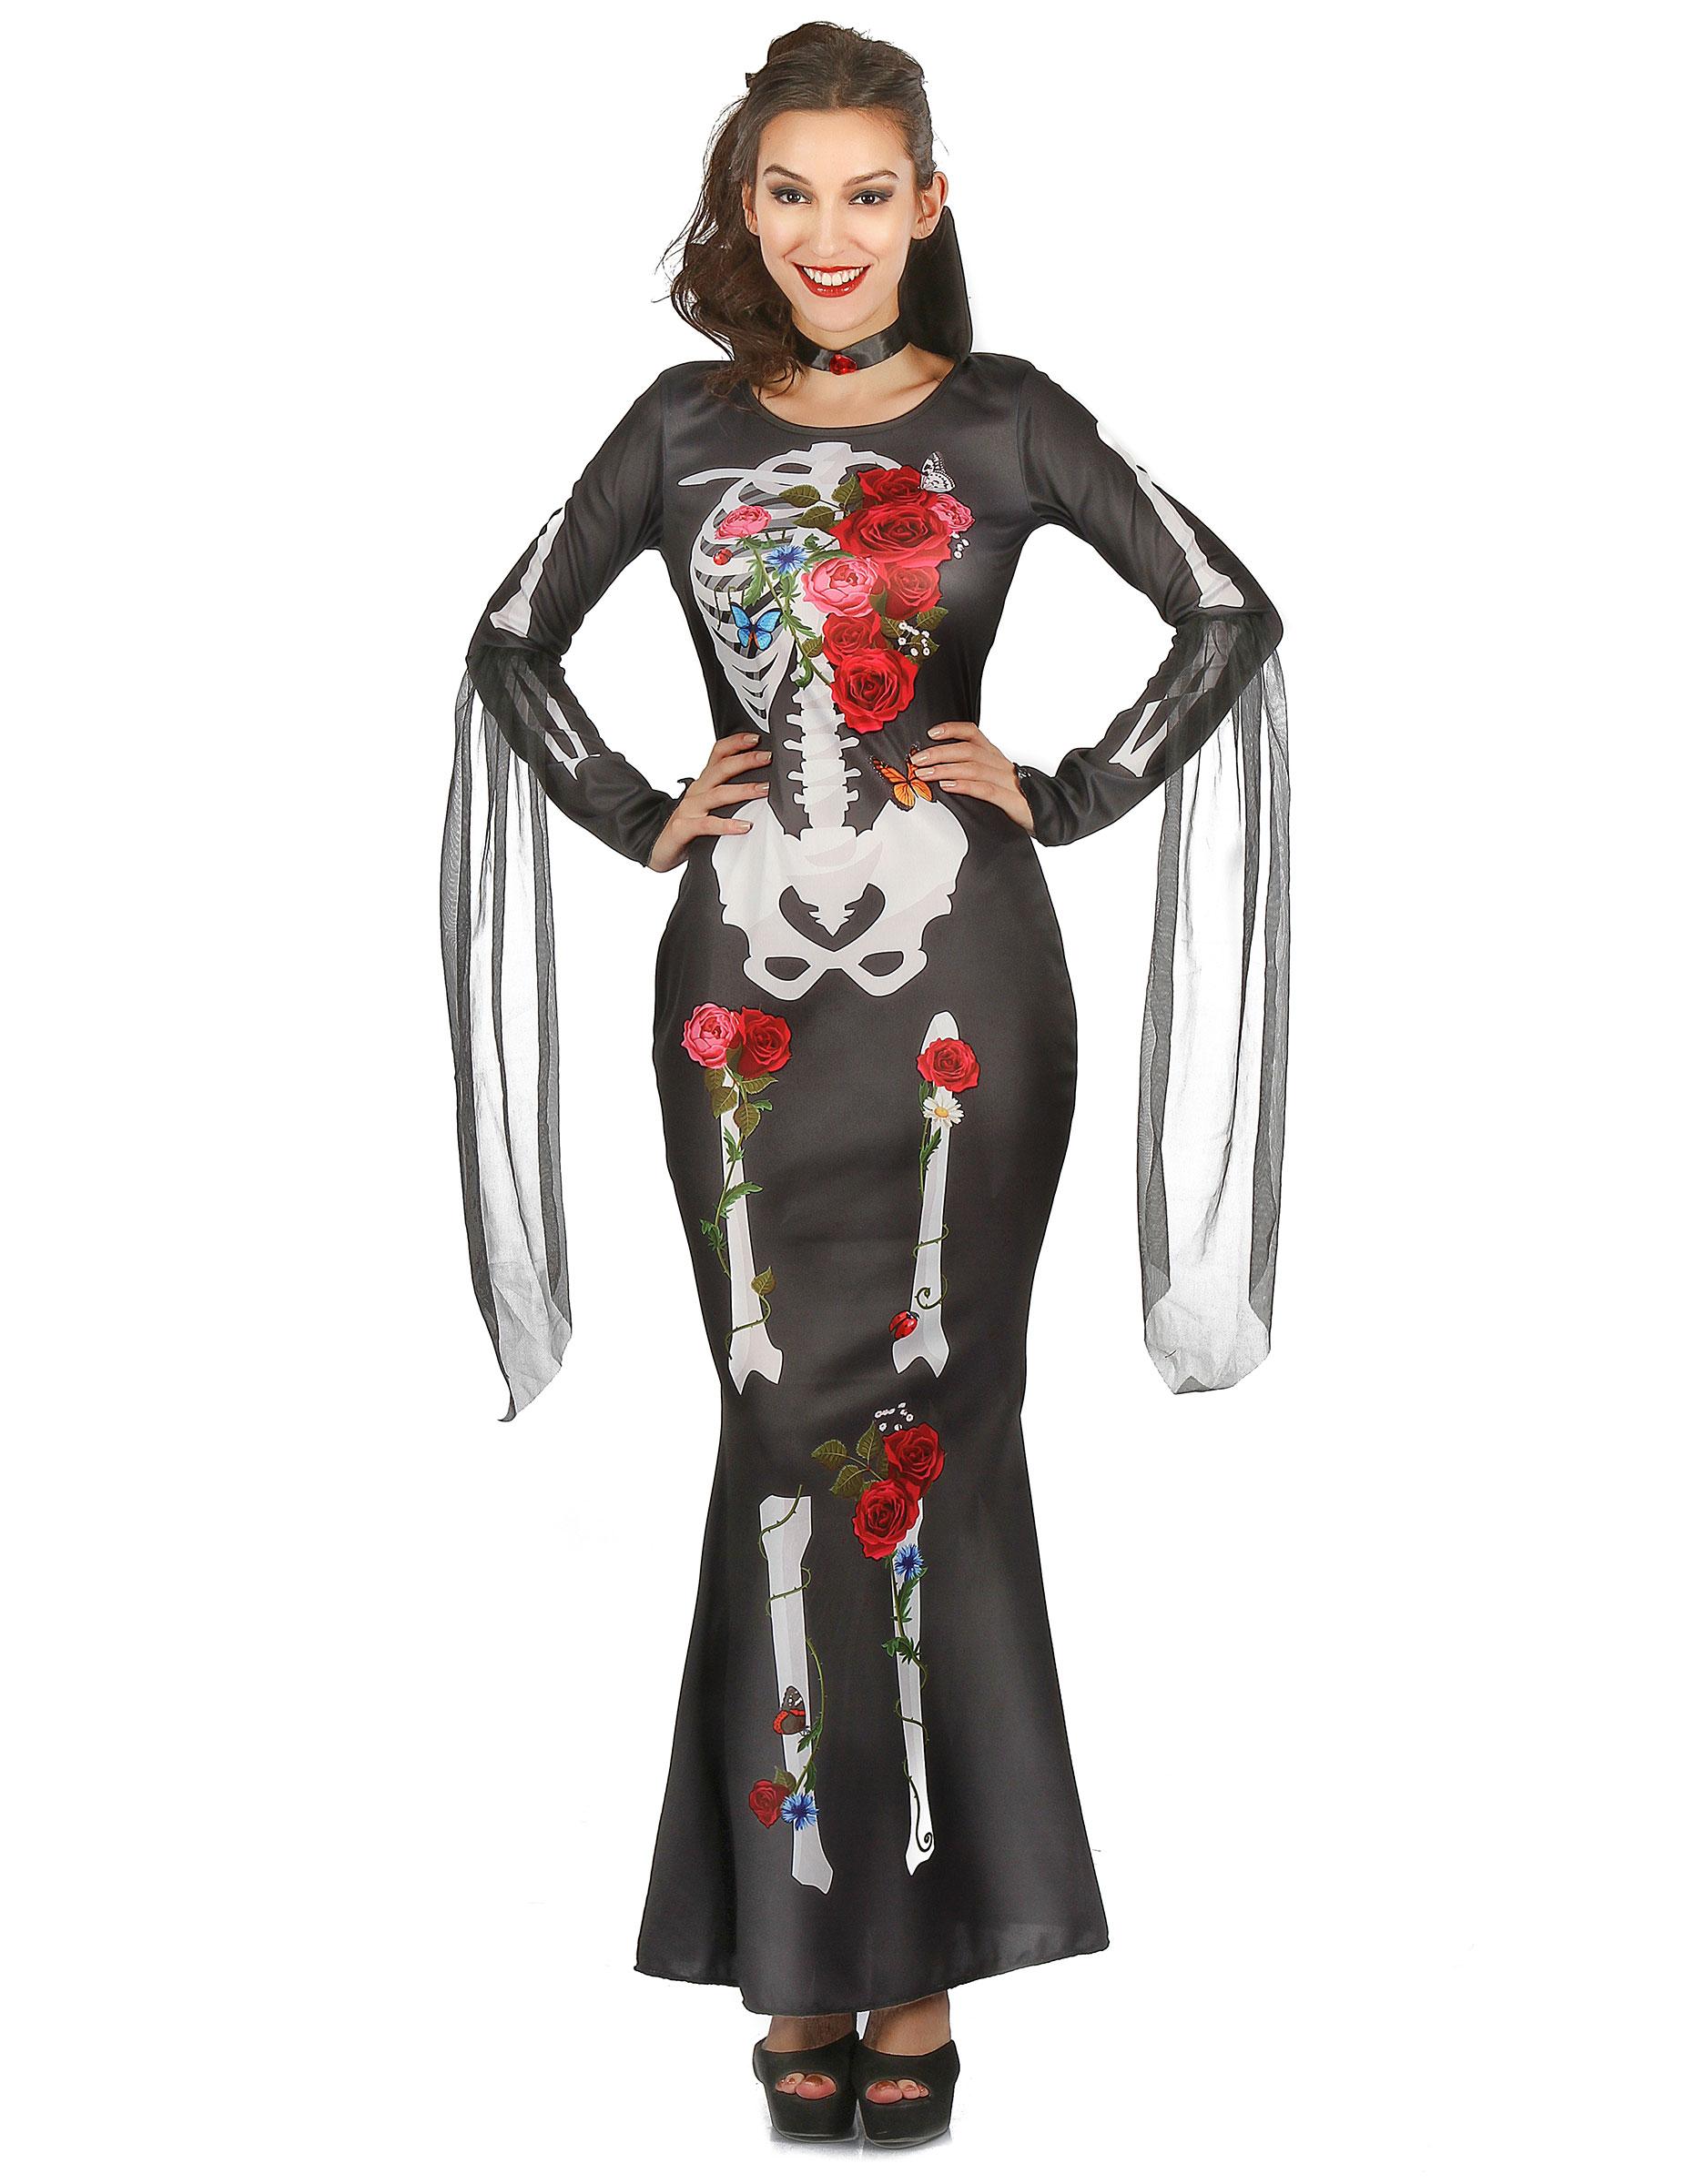 d guisement robe squelette femme dia de los muertos deguise toi achat de d guisements adultes. Black Bedroom Furniture Sets. Home Design Ideas